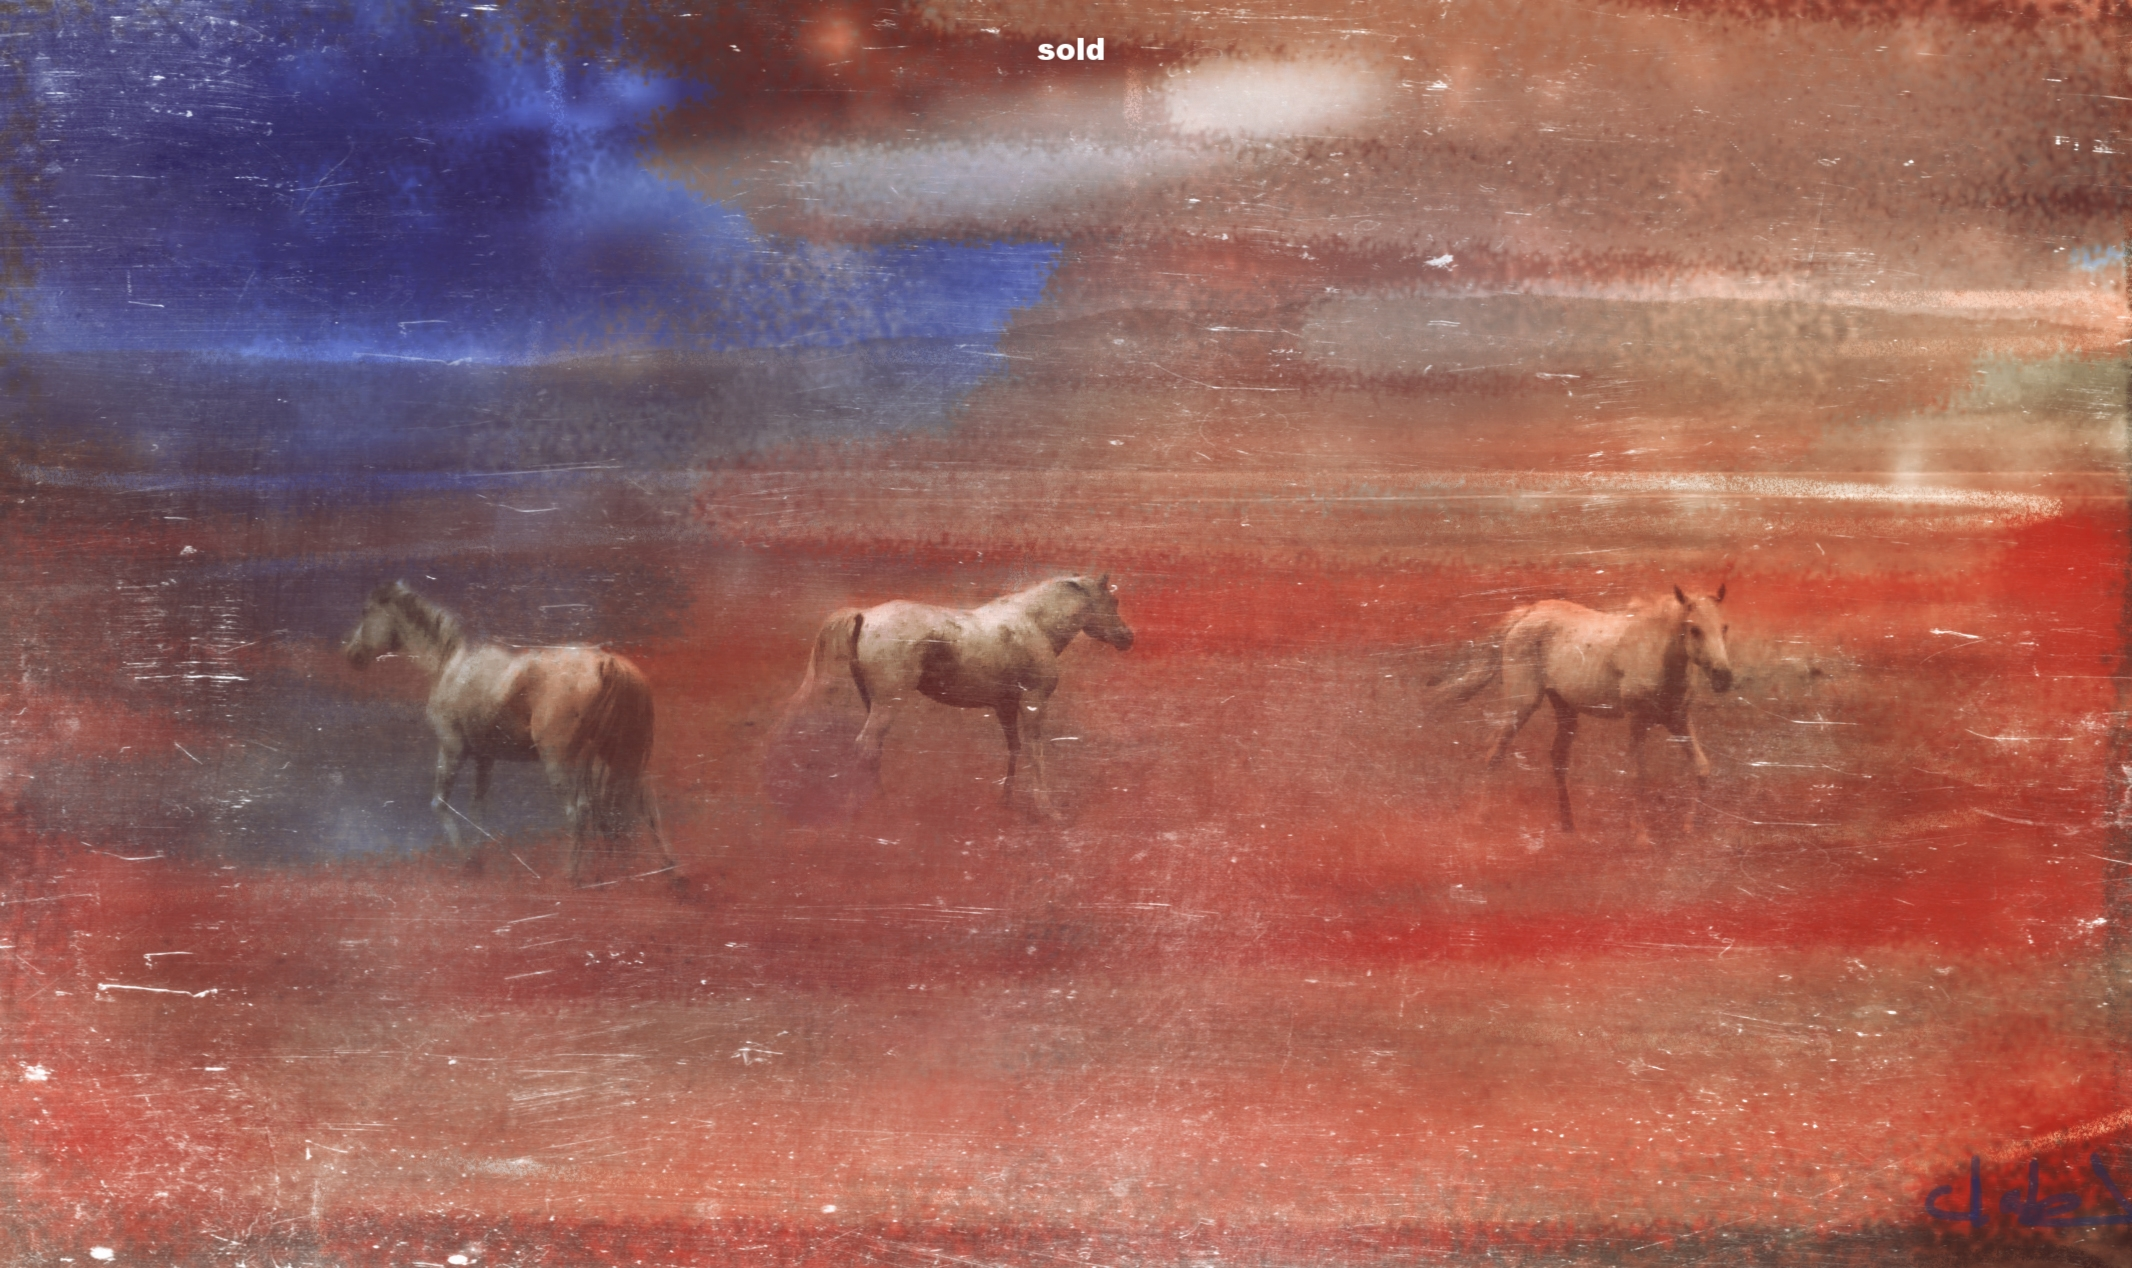 THREE HORSES, acrylic on canvas, 30'x 40'